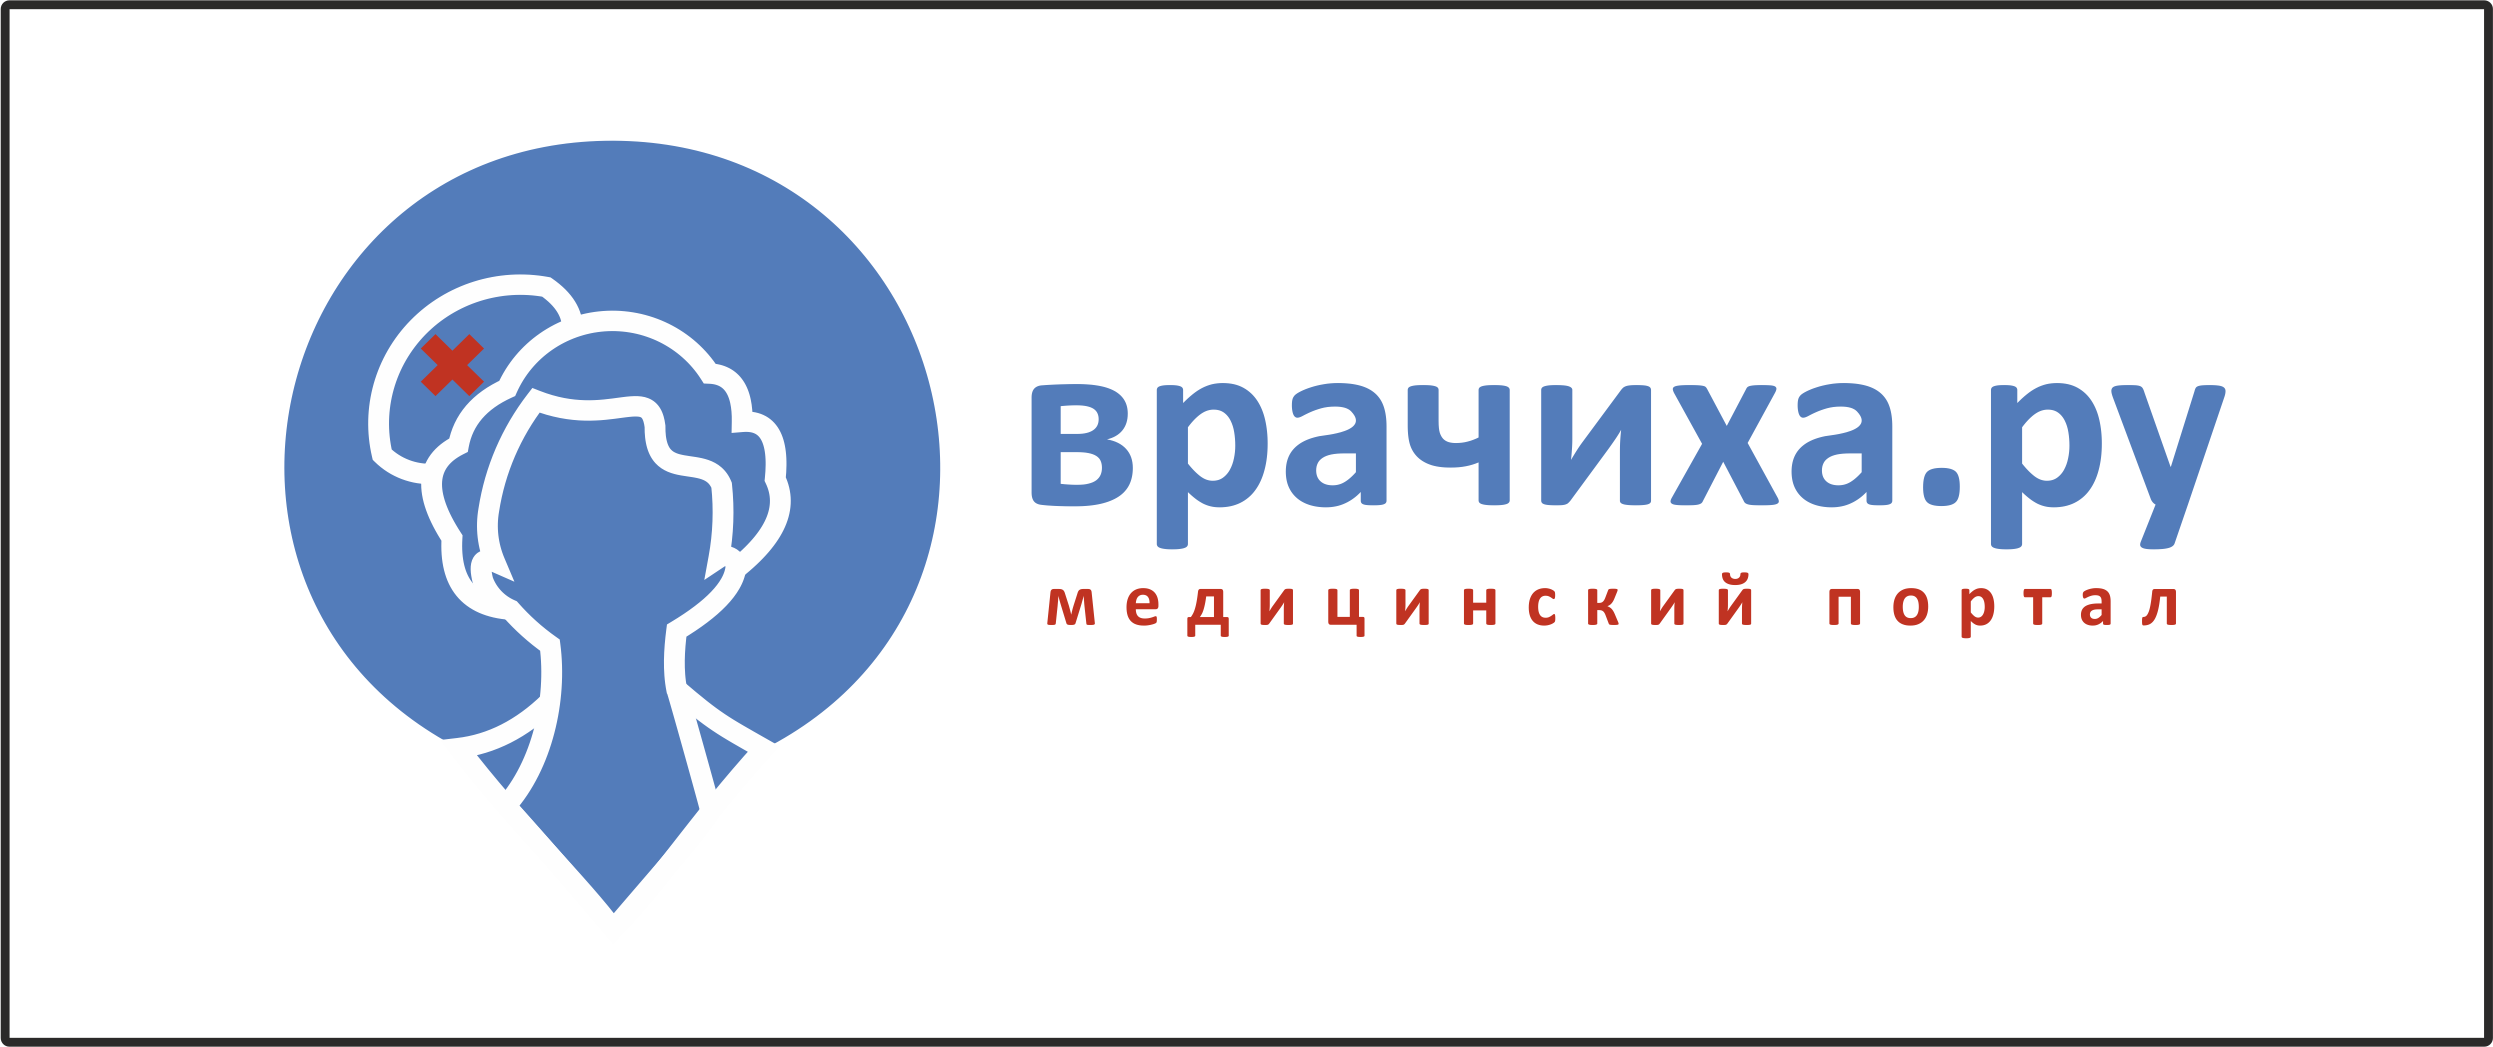 Необходимо разработать логотип для медицинского портала фото f_9135c03c37d96d88.png